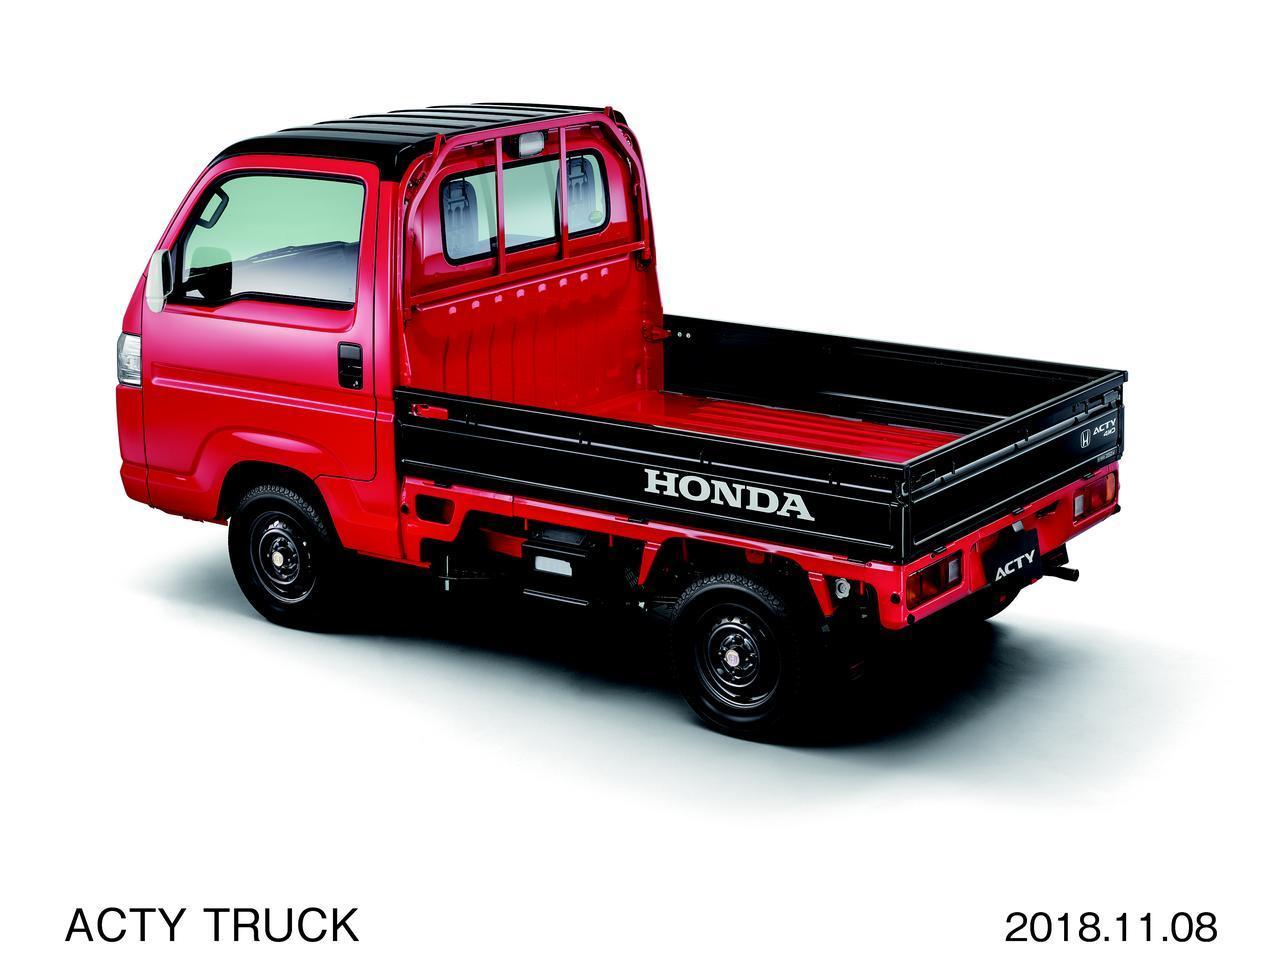 画像2: トラックもオシャレに!アクティ・トラック特別仕様車【ホンダ偏愛主義vol.44】